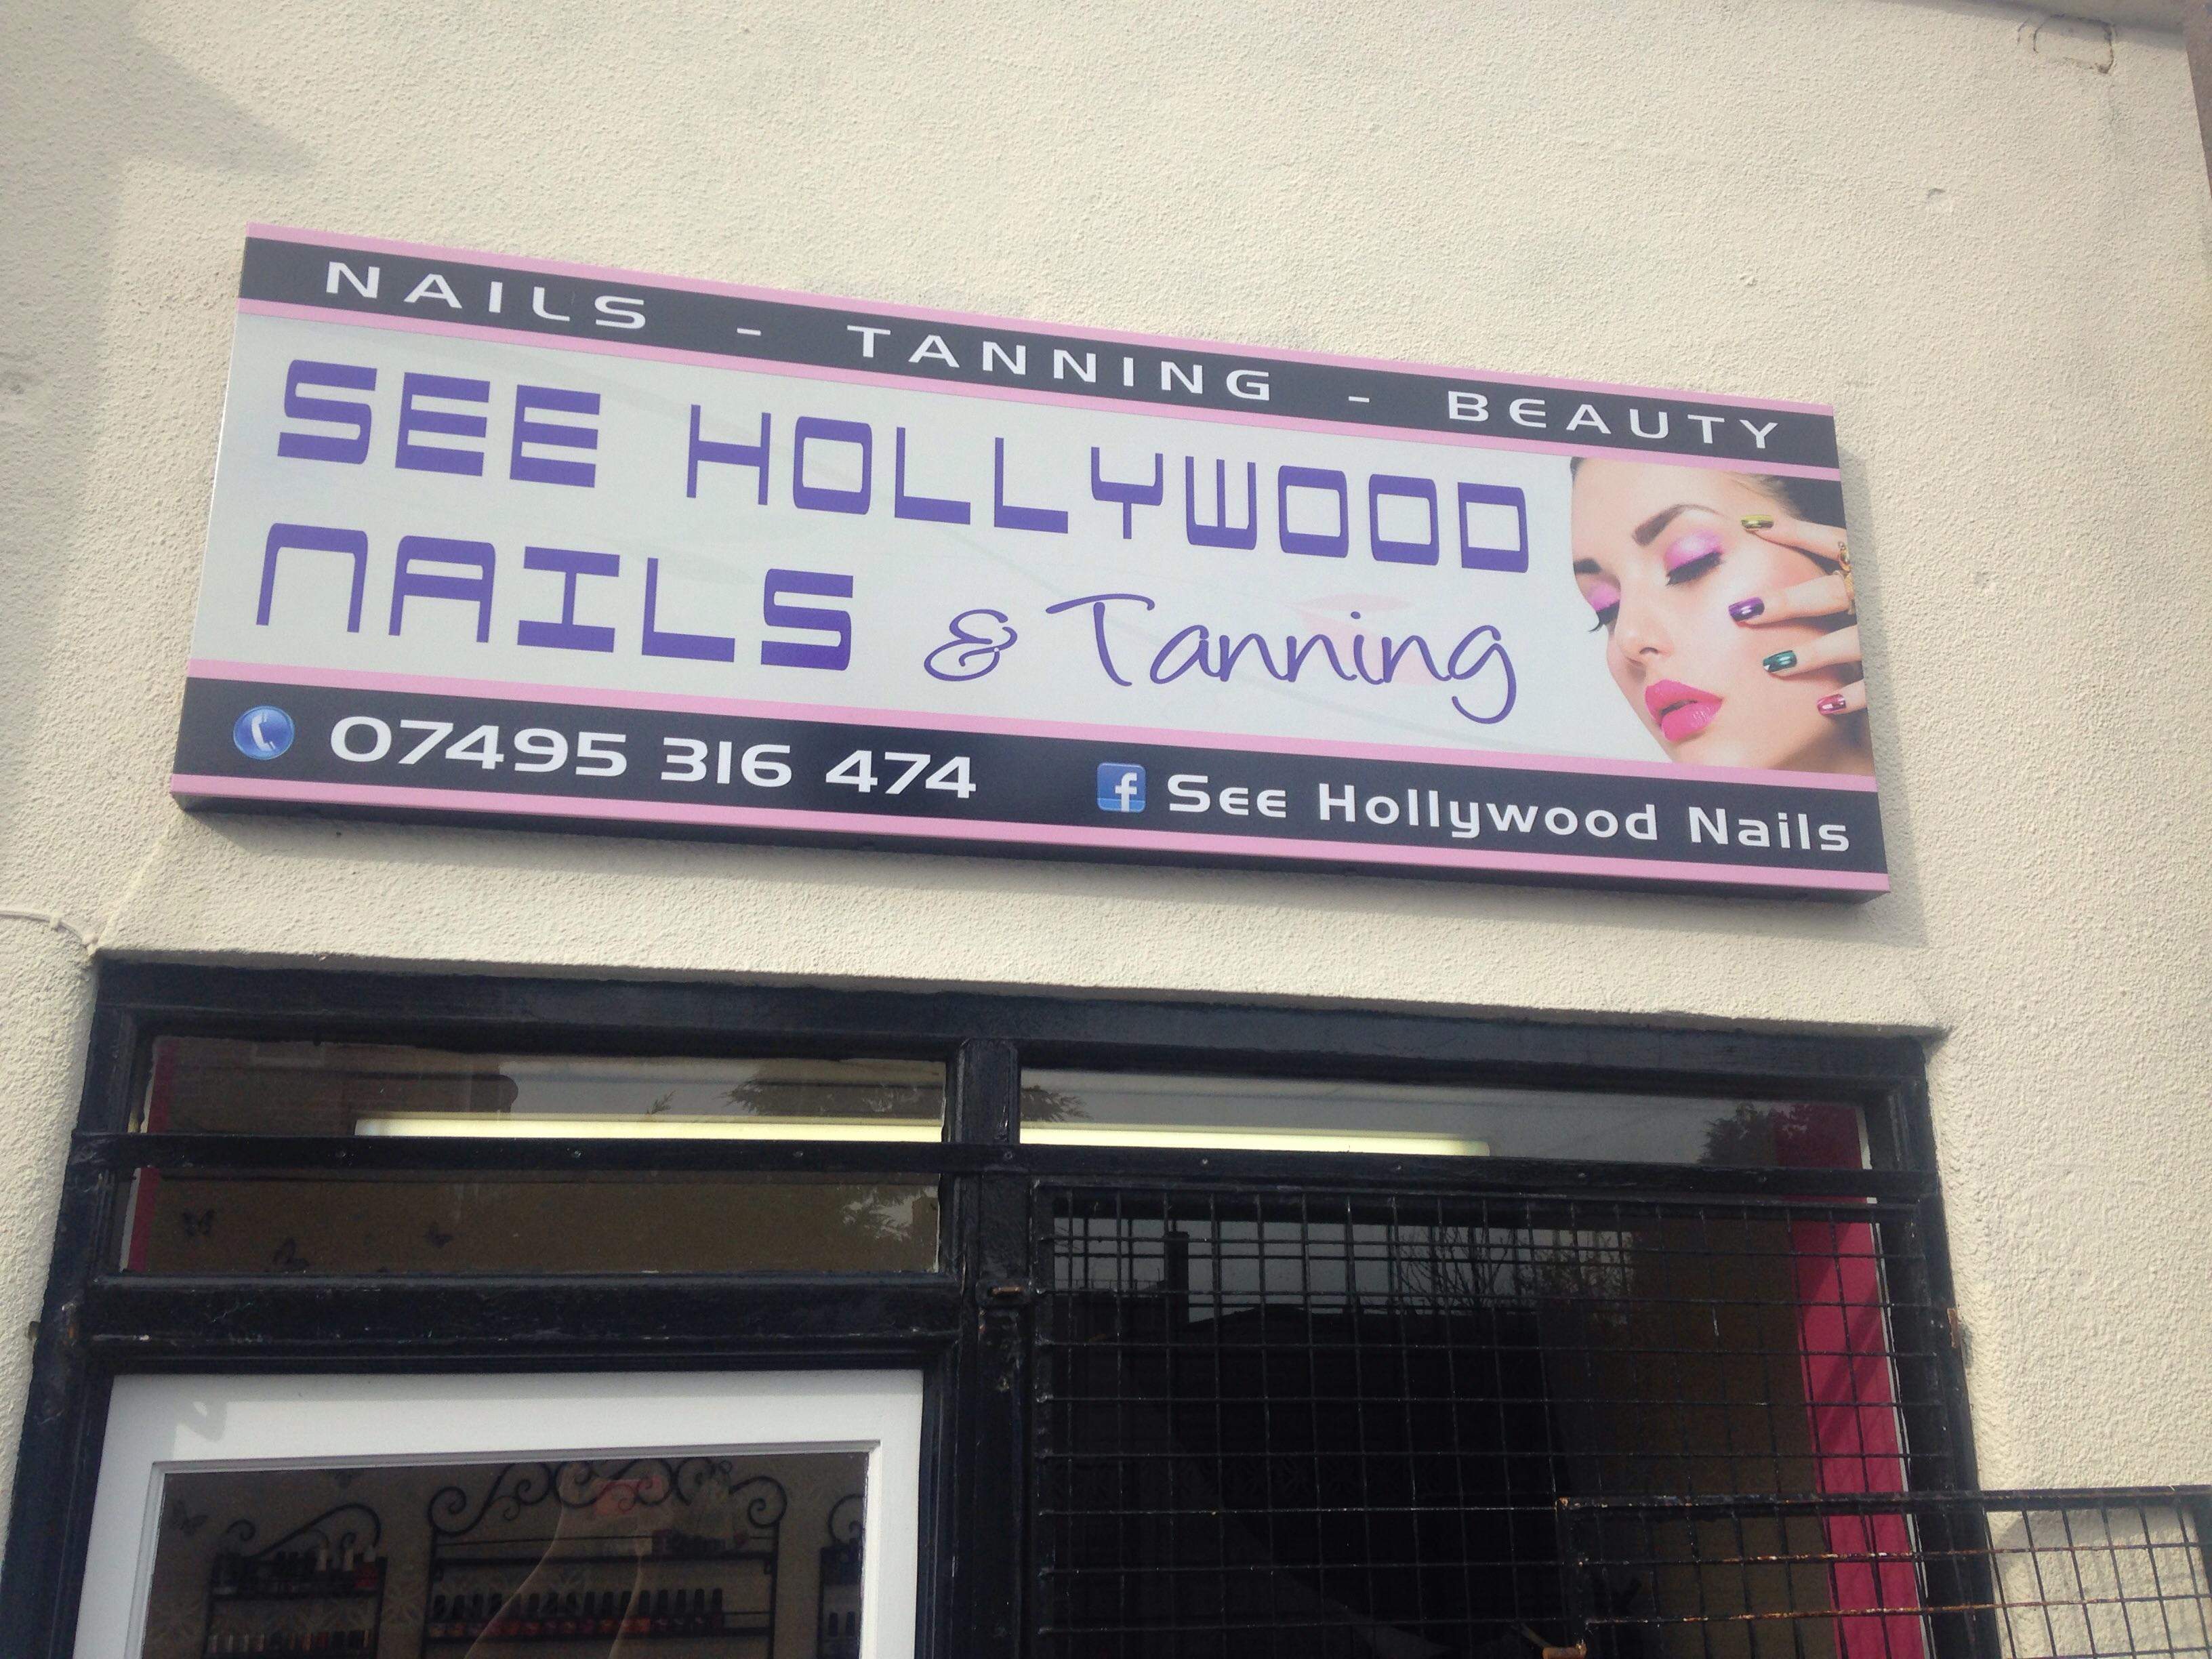 See Hollywood Nails & Tanning